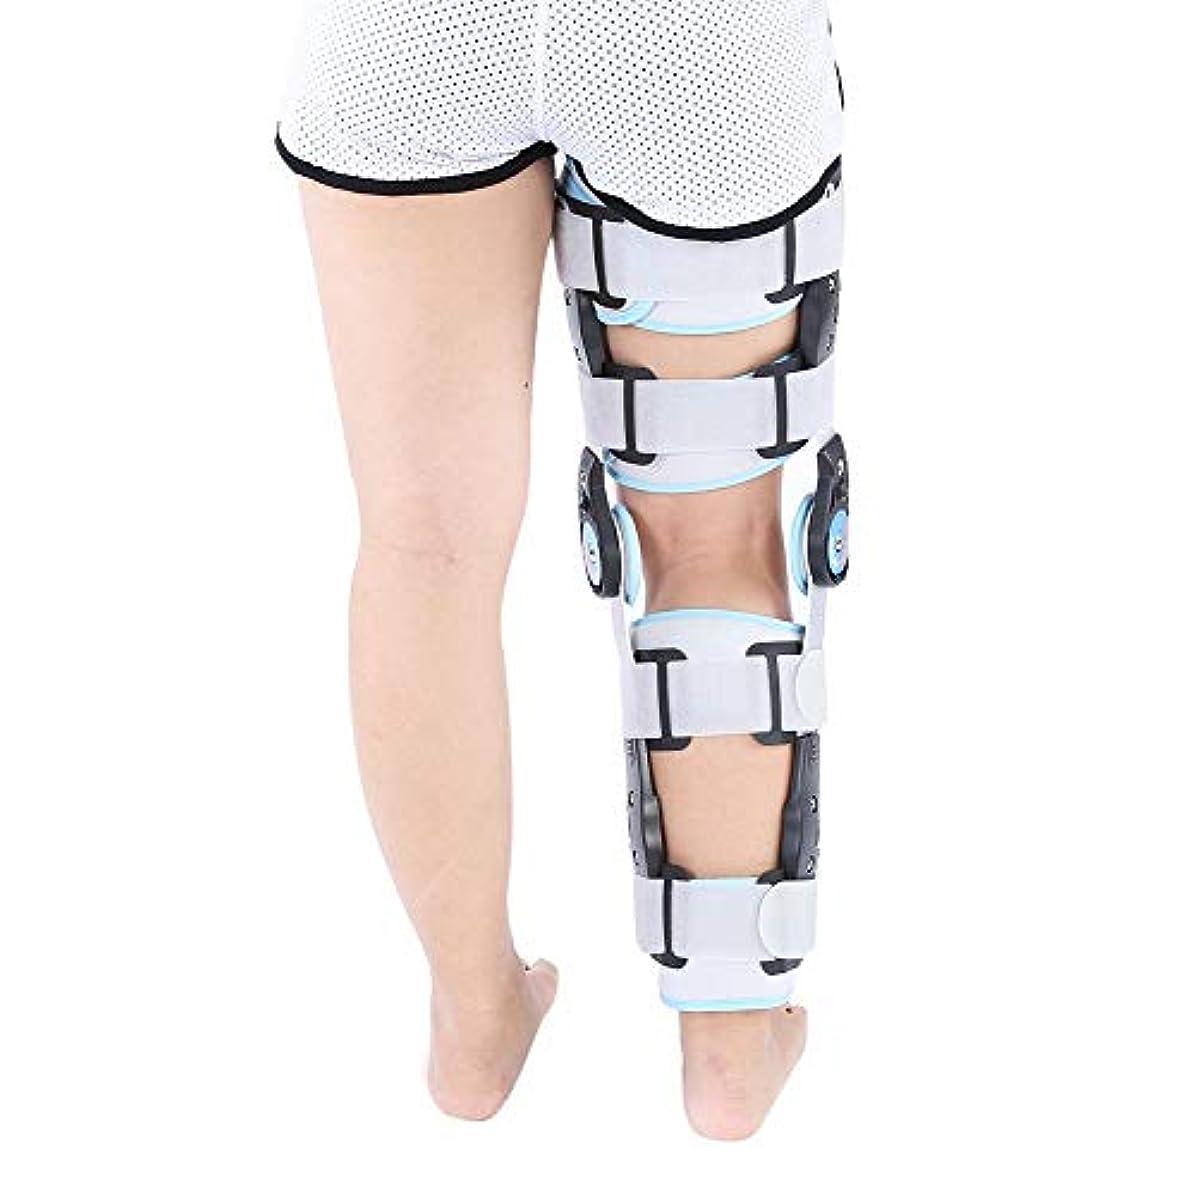 喜びヘクタールファーザーファージュ膝装具固定、ヒンジ付き調整可能な固定安定化骨折サポート